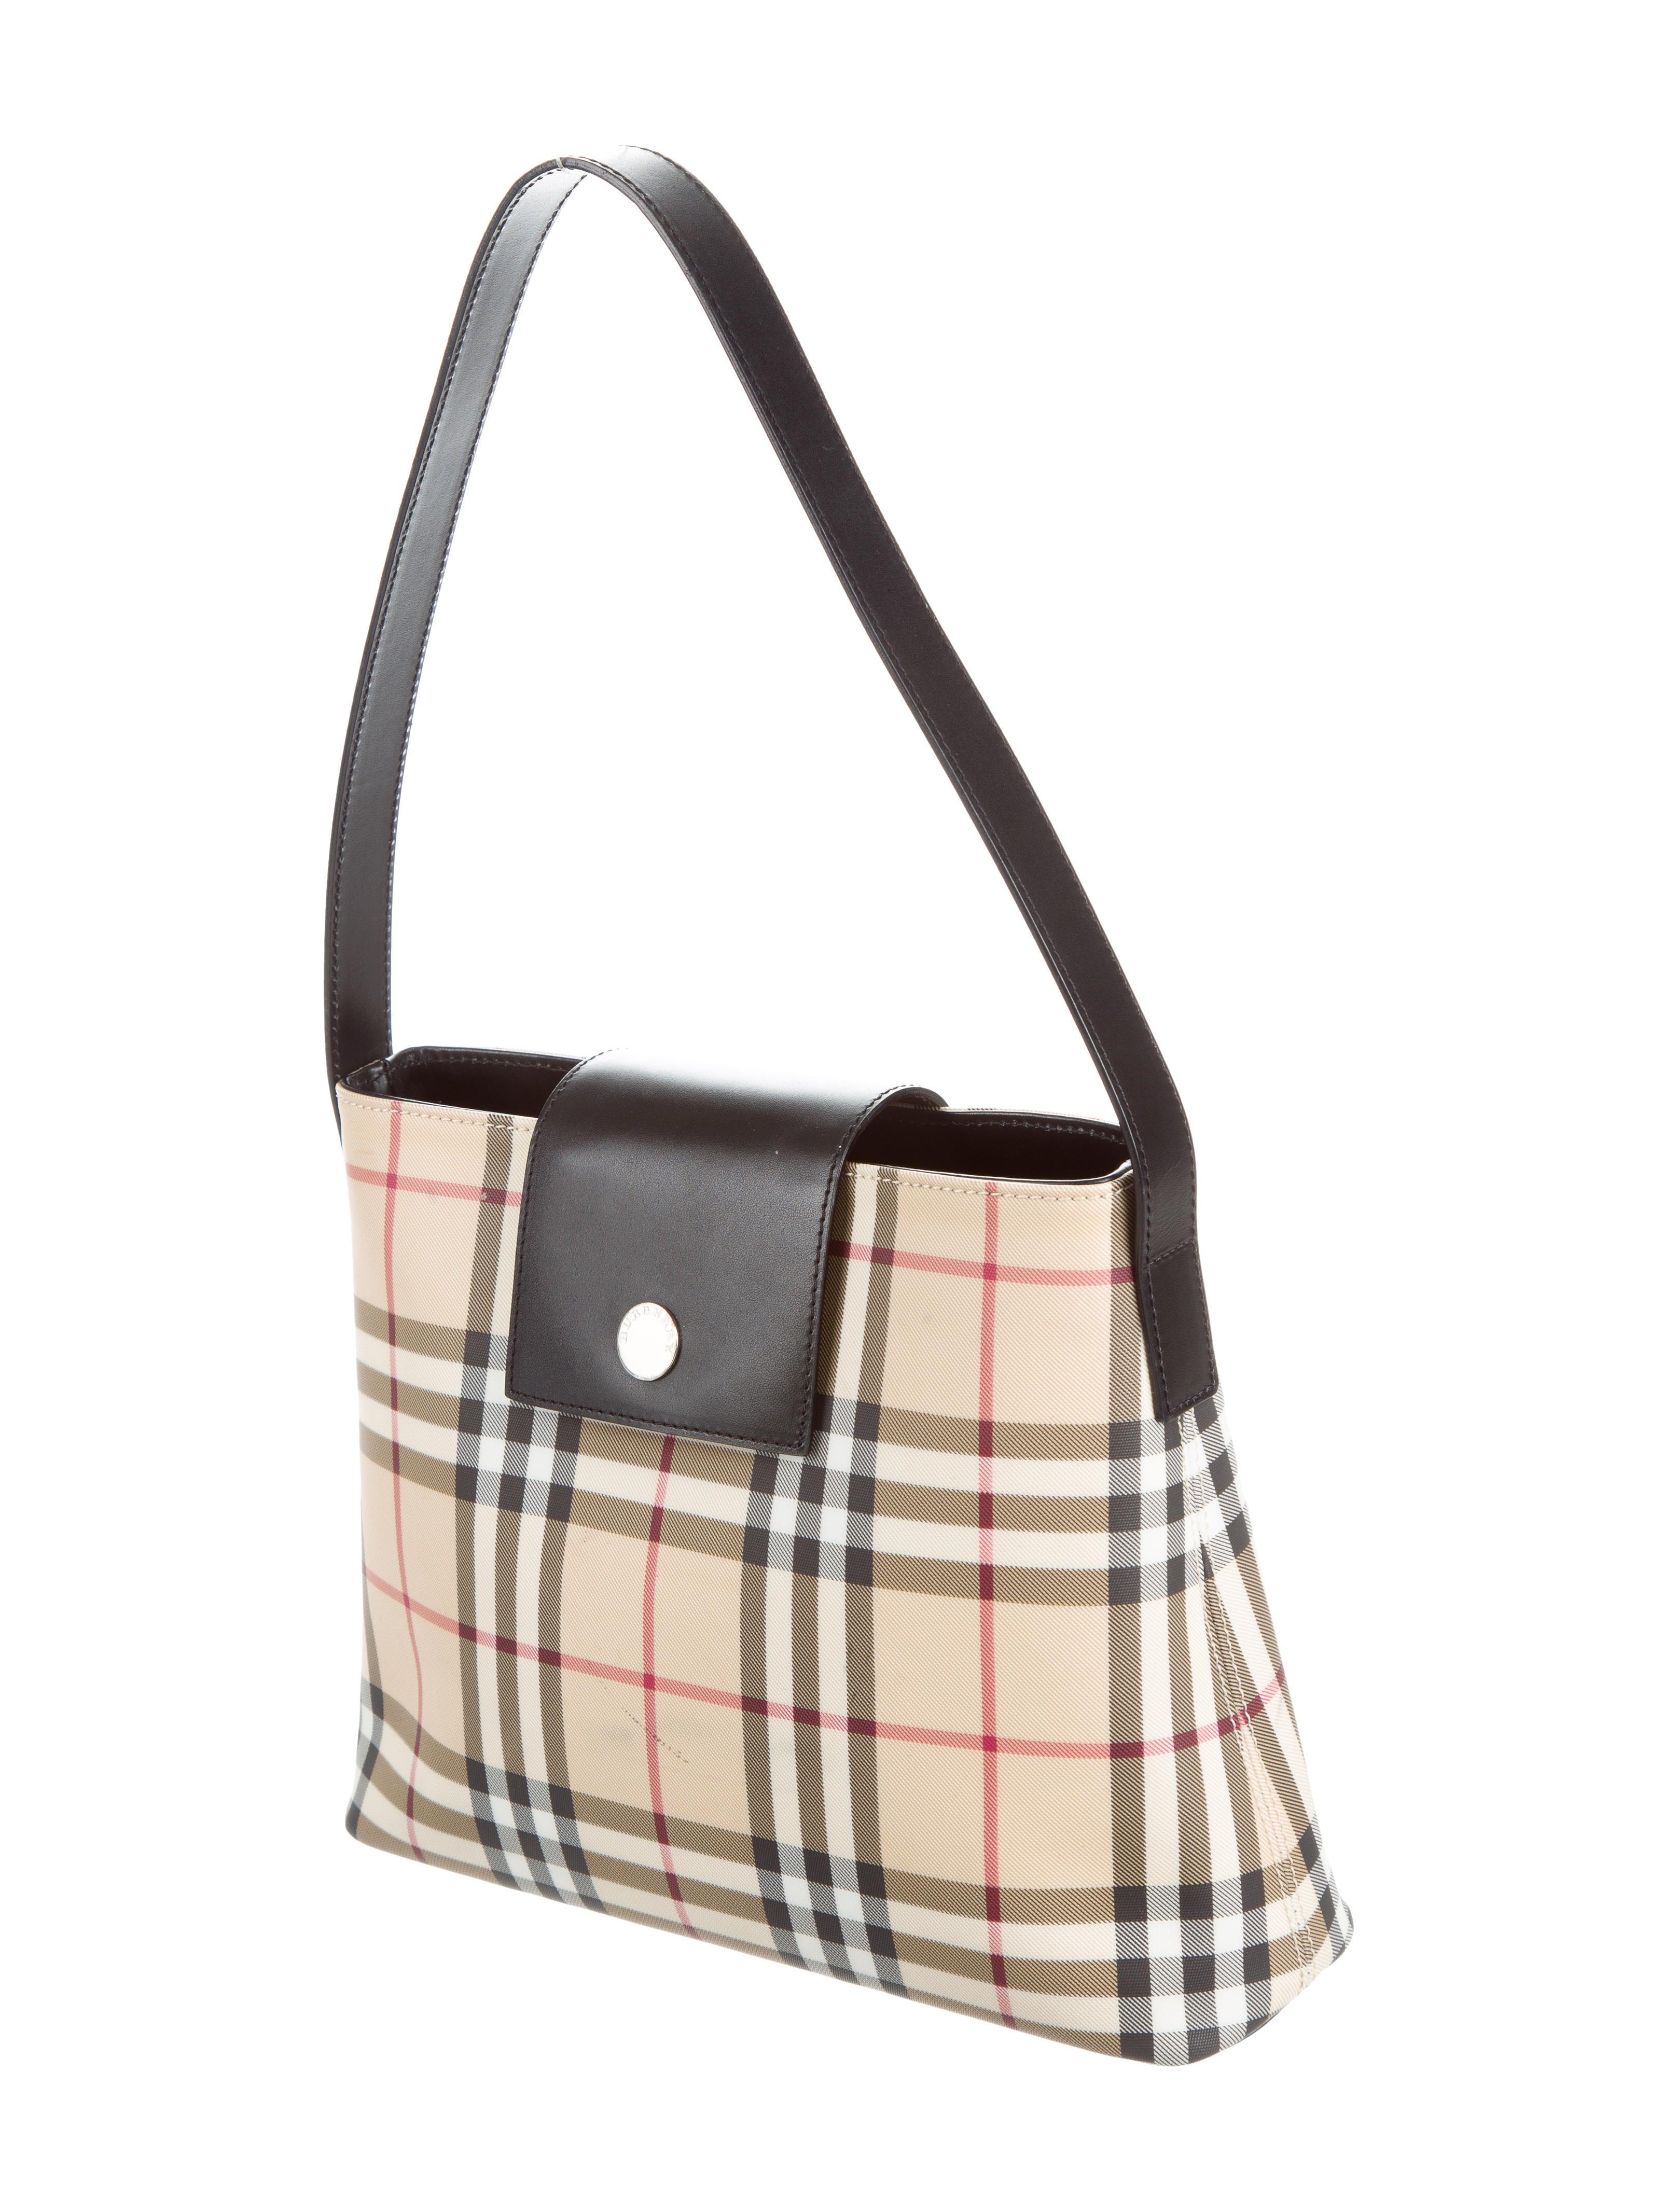 Burberry Nova Check Shoulder Bag - Handbags - BUR74463 ...